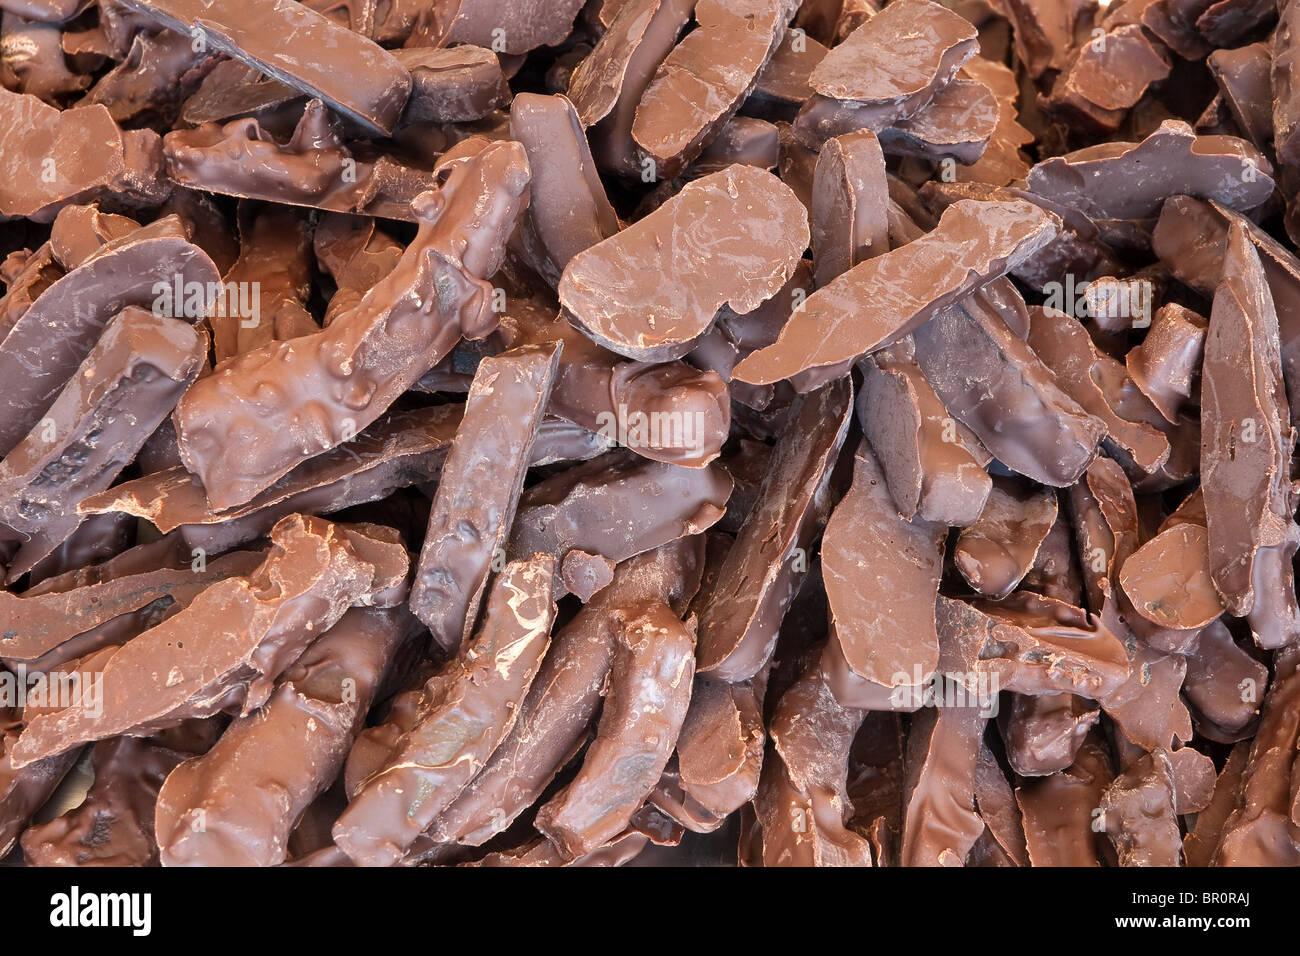 Closeup artigianale di biscotti ricoperti di cioccolato Immagini Stock